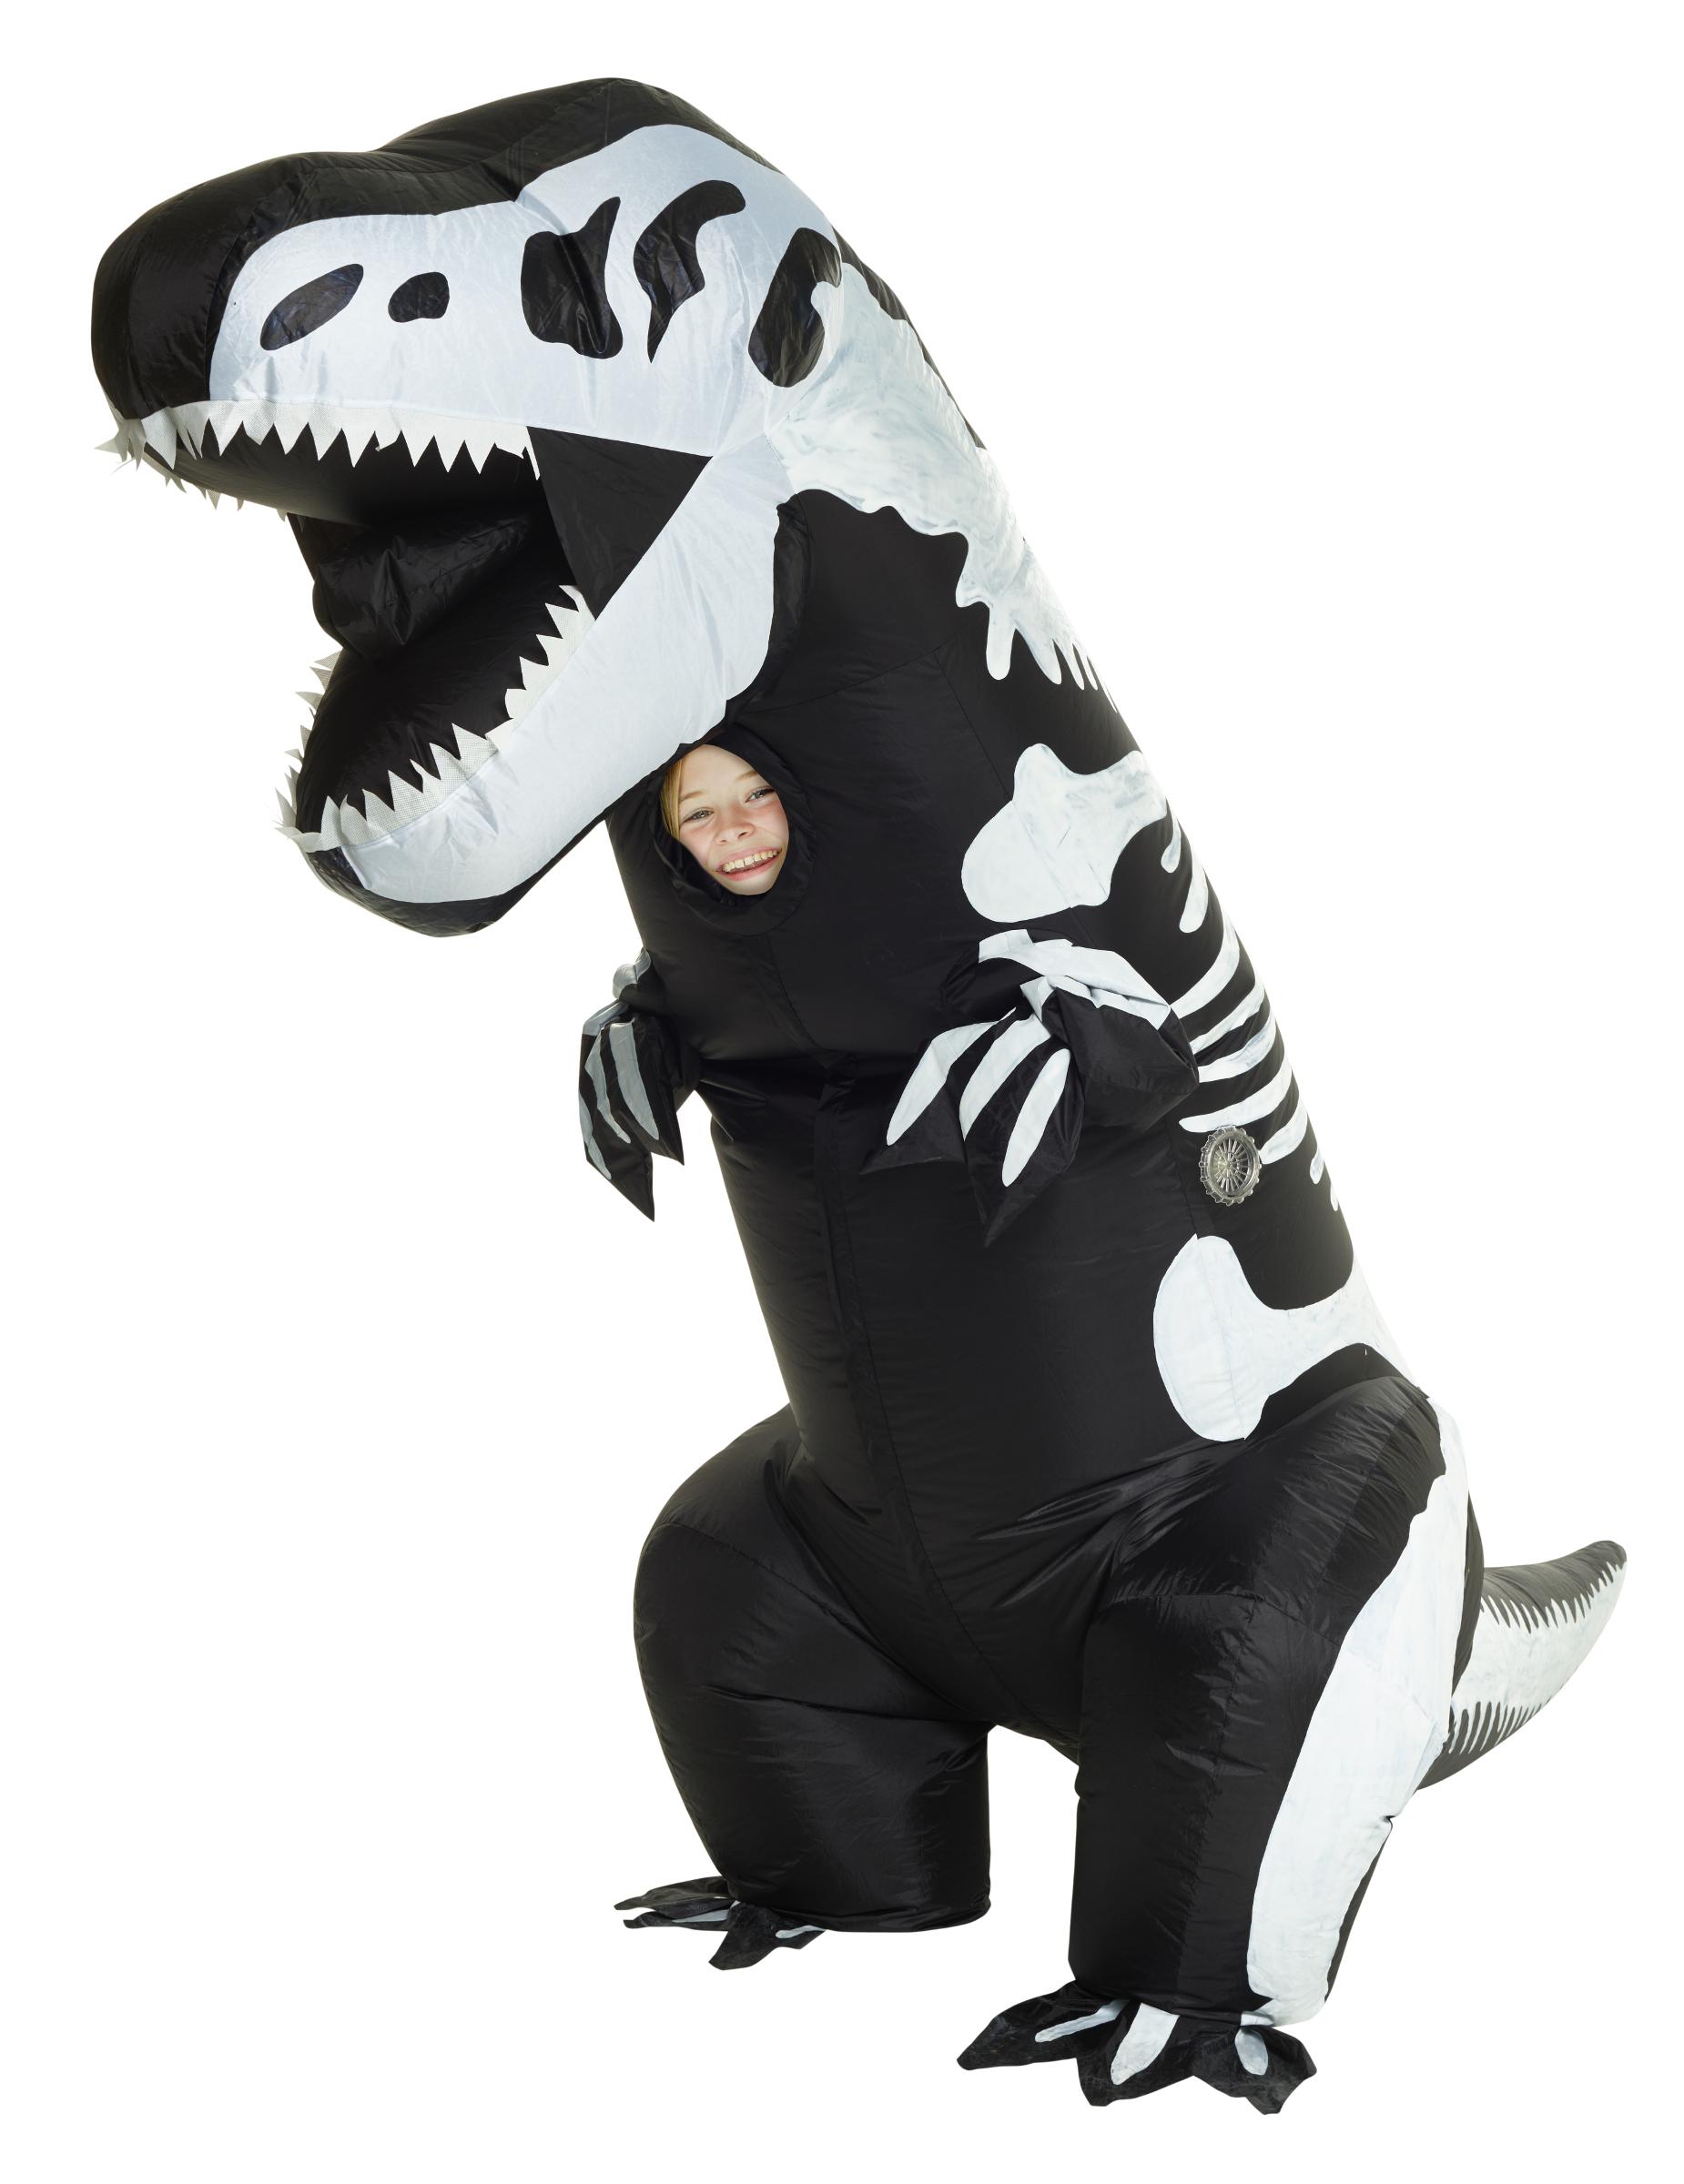 d guisement gonflable squelette t rex enfant morphsuits deguise toi achat de d guisements. Black Bedroom Furniture Sets. Home Design Ideas